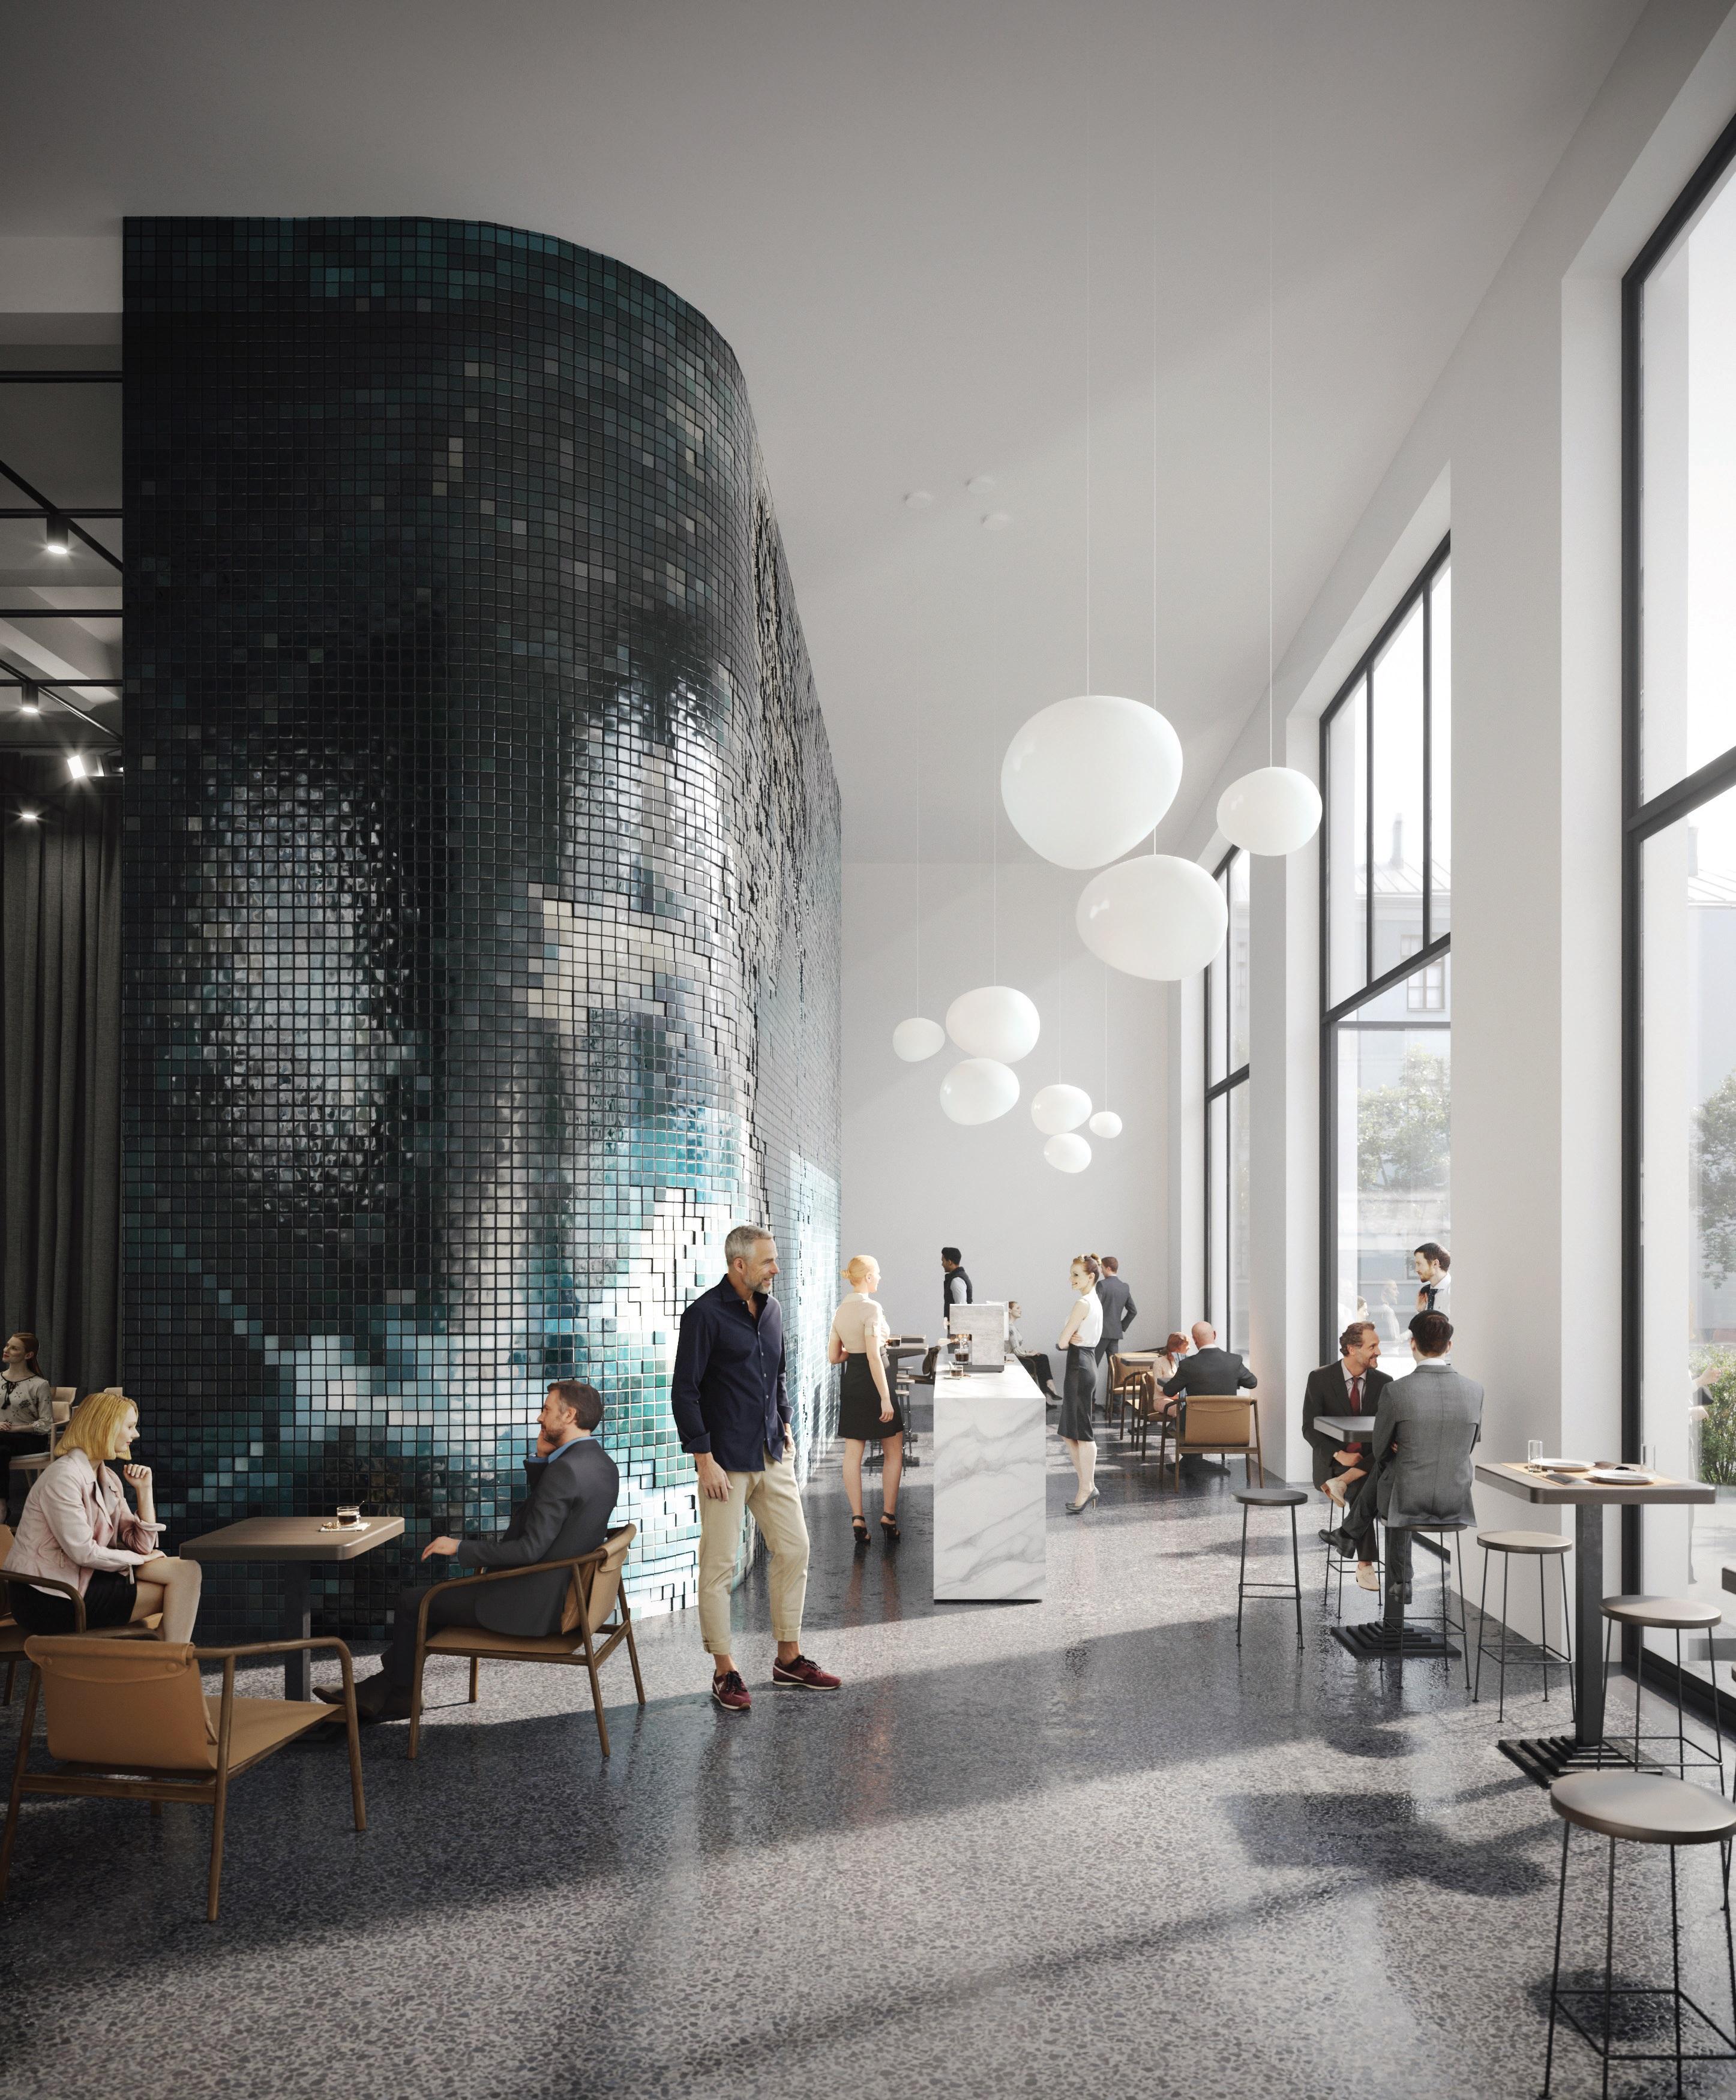 Sama kawiarnia zyska większy dostęp do światła (to za sprawą powiększenia okien) i zupełnie nowy wystrój, fot. materiały prasowe pracowni WXCA Sp. z o.o.